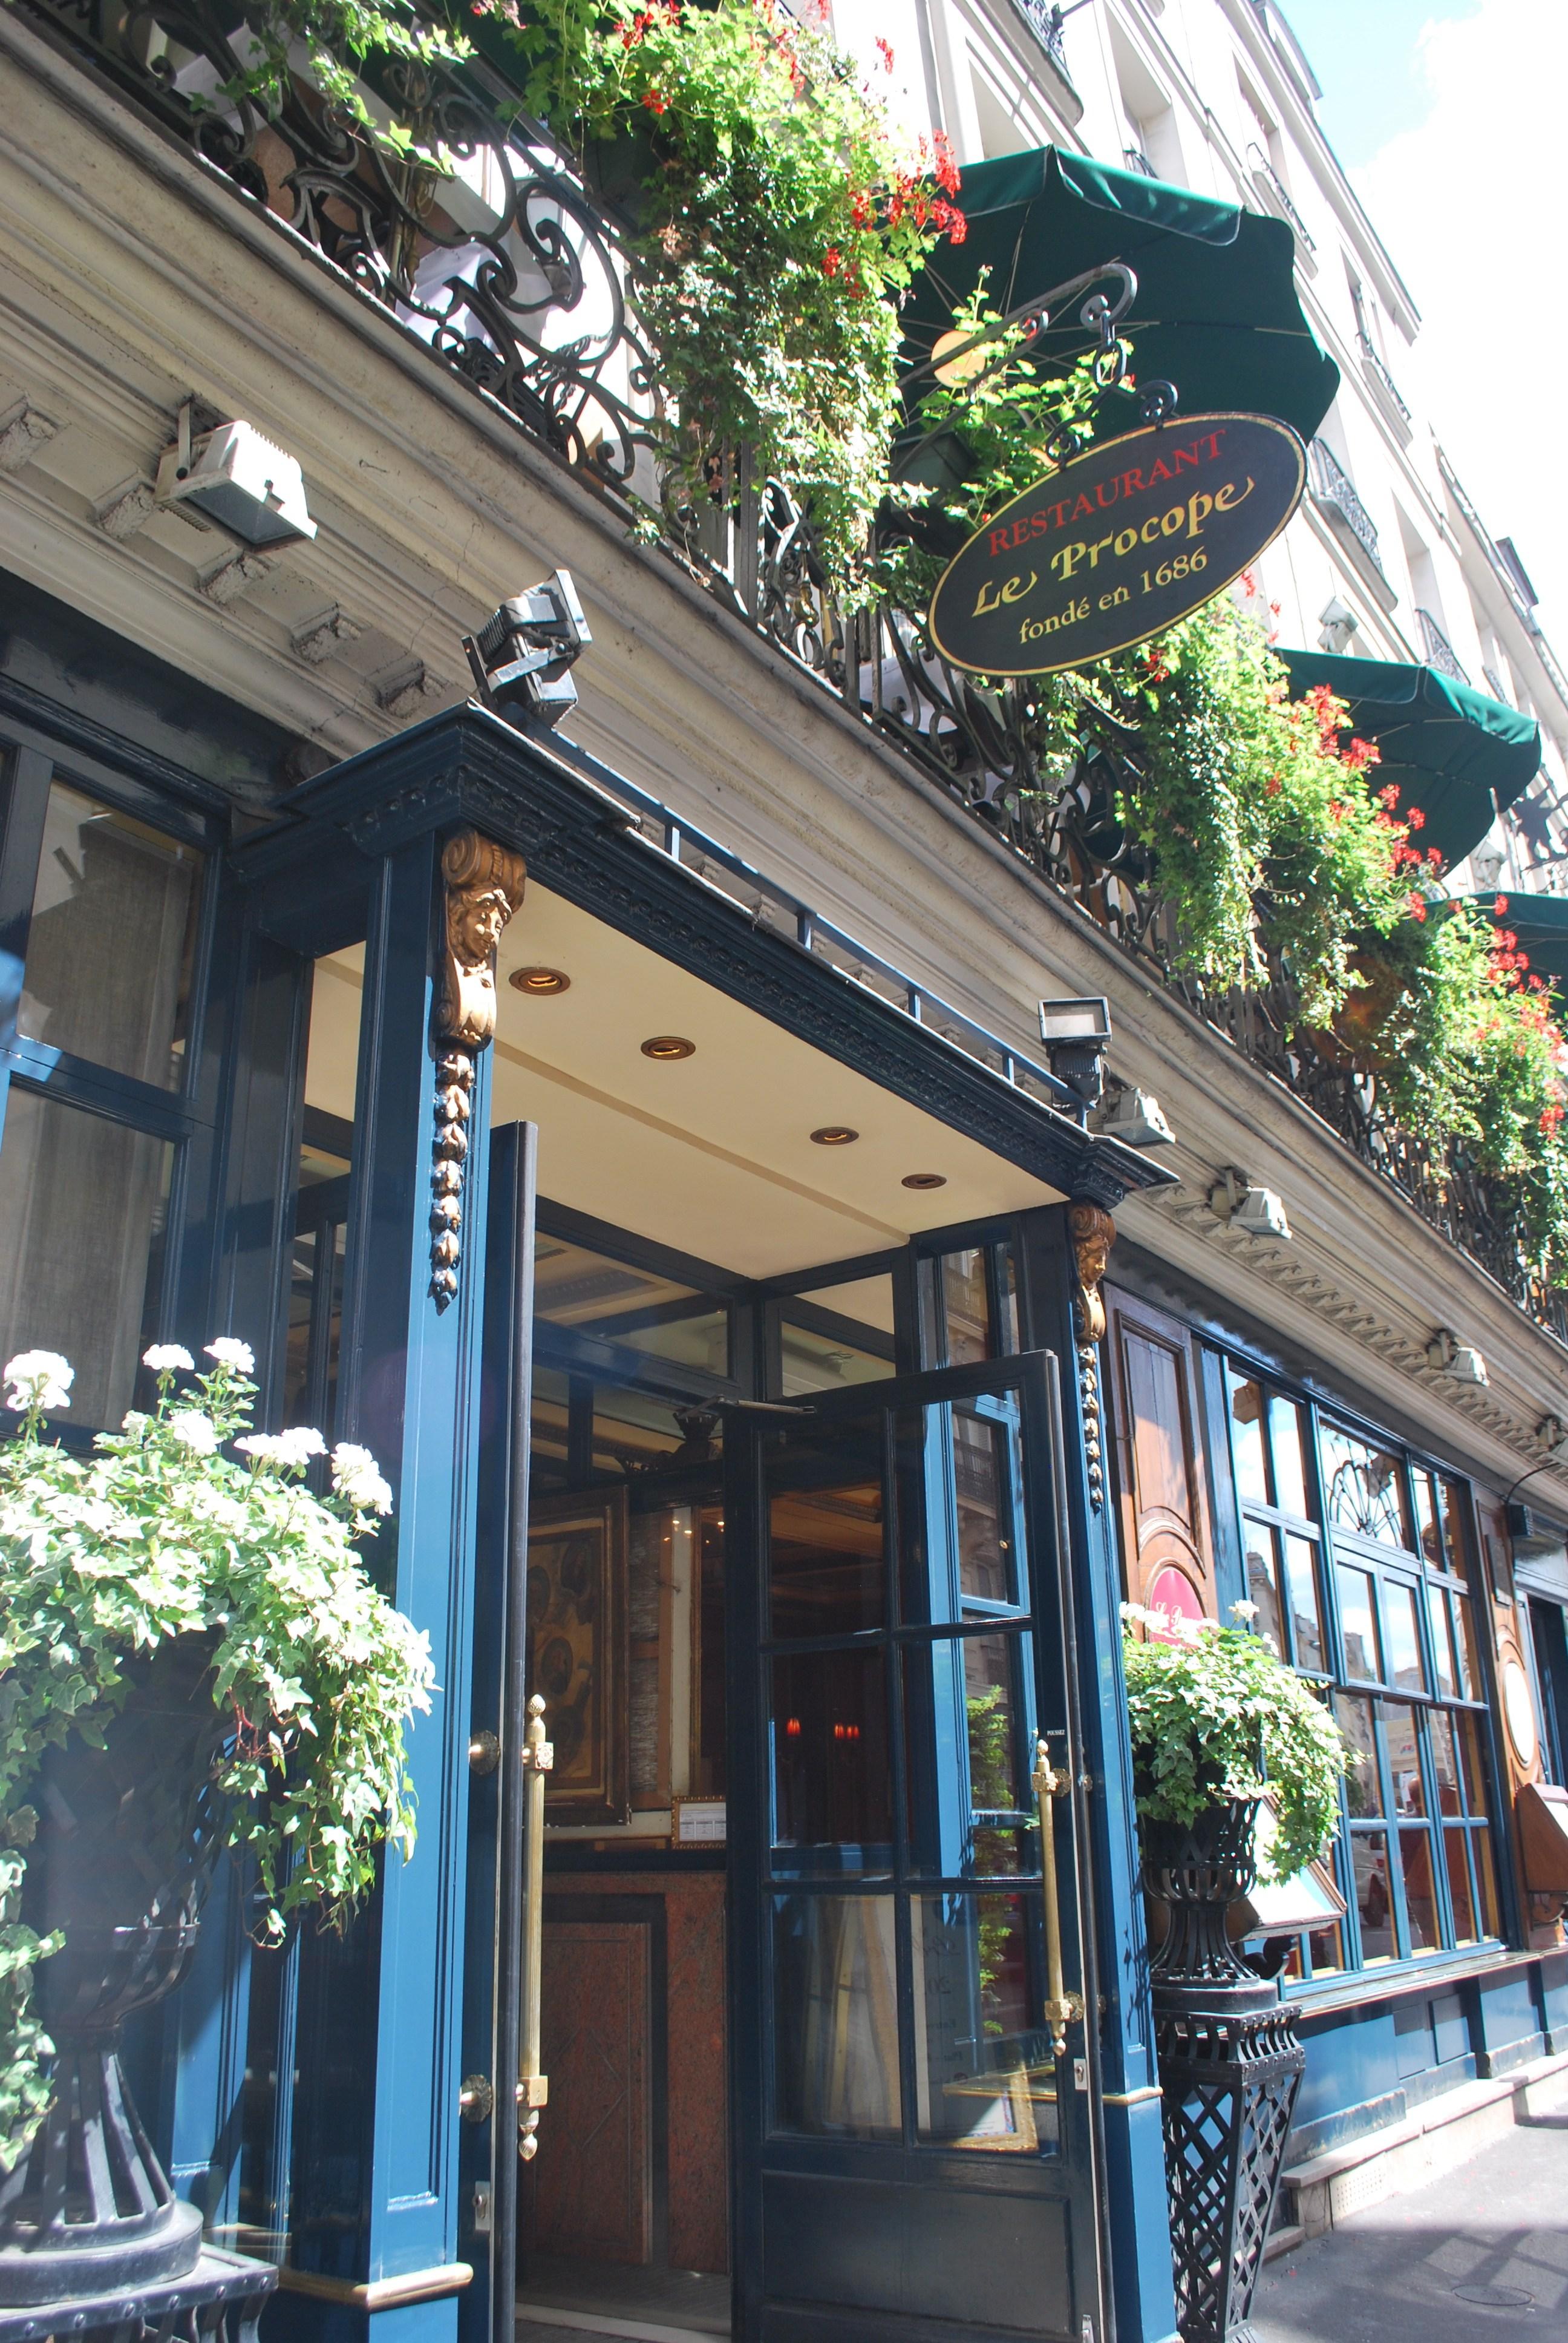 oldest-restaurant-paris-1686-procope